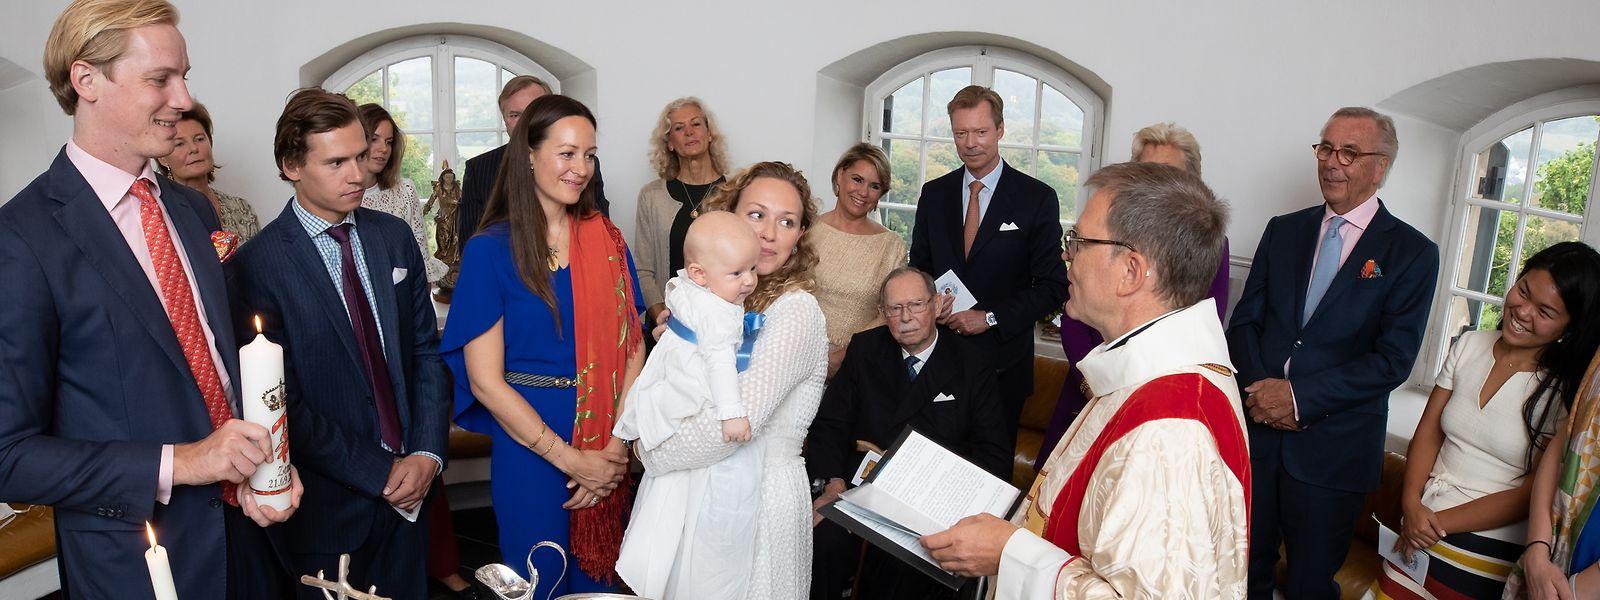 Die Taufe von Zeno fand am Freitag auf Schloss Berg statt.